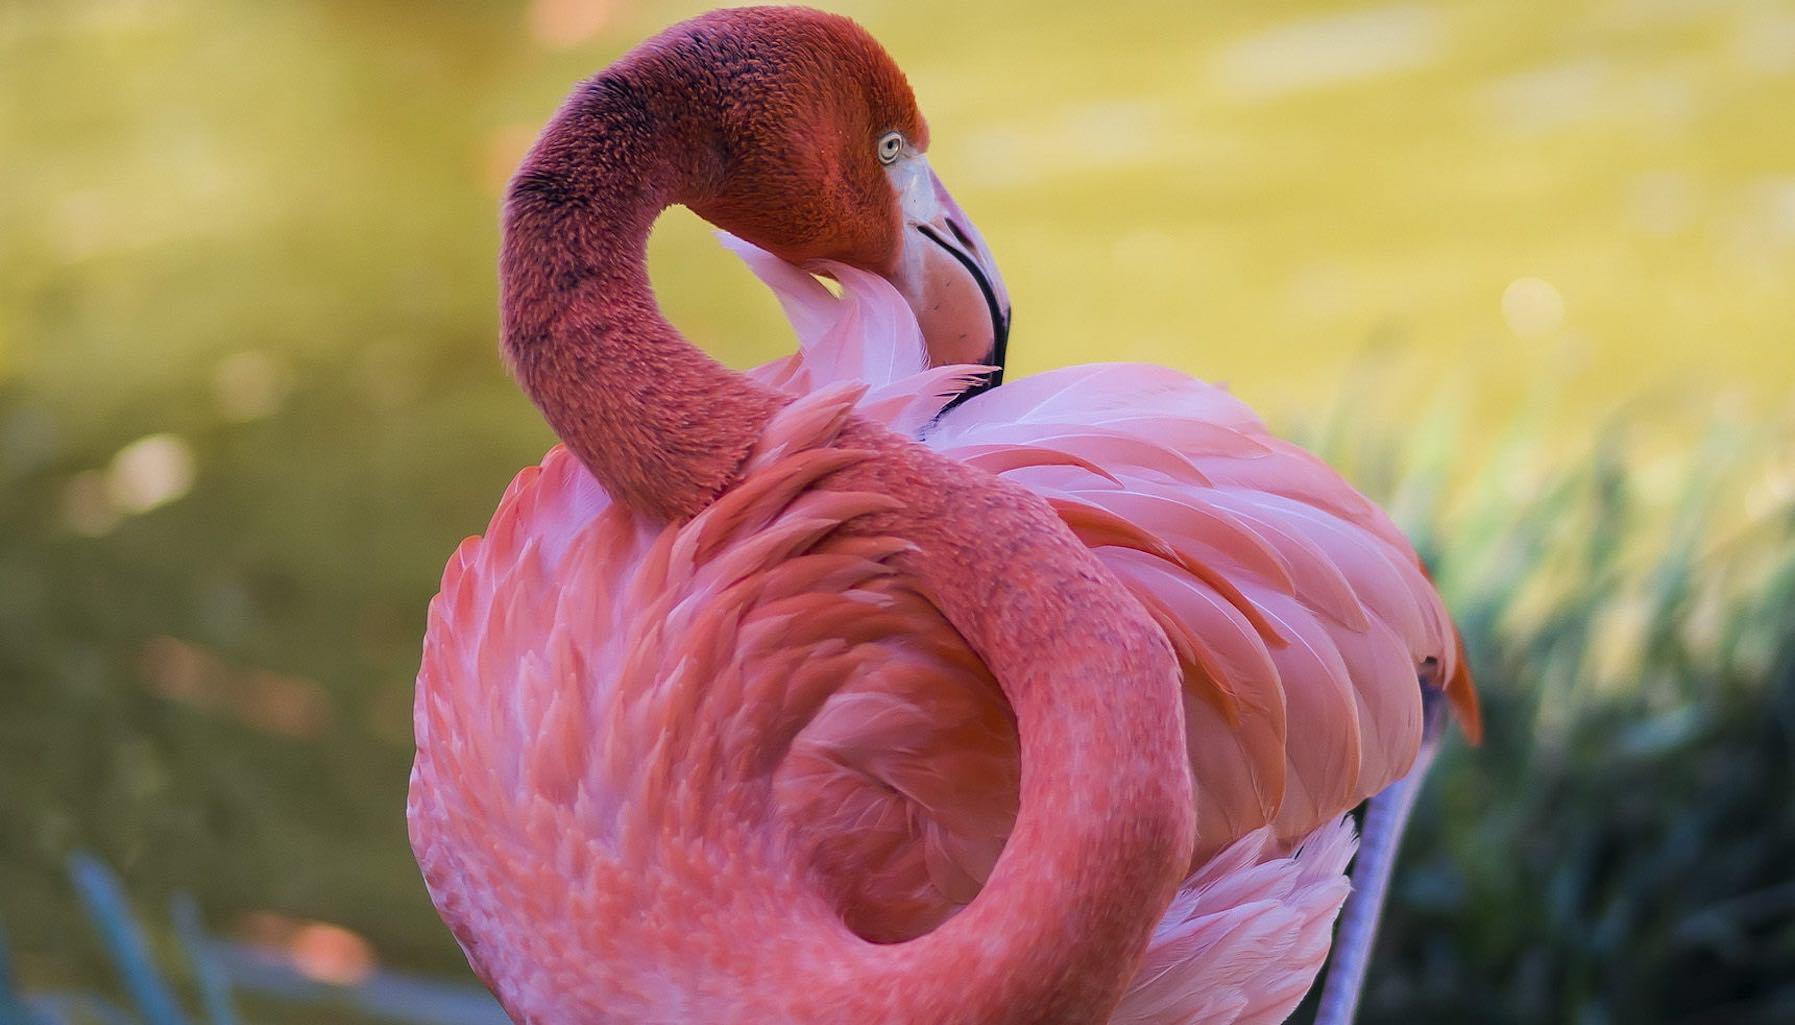 Chim hồng hạc tượng trưng cho điều gì